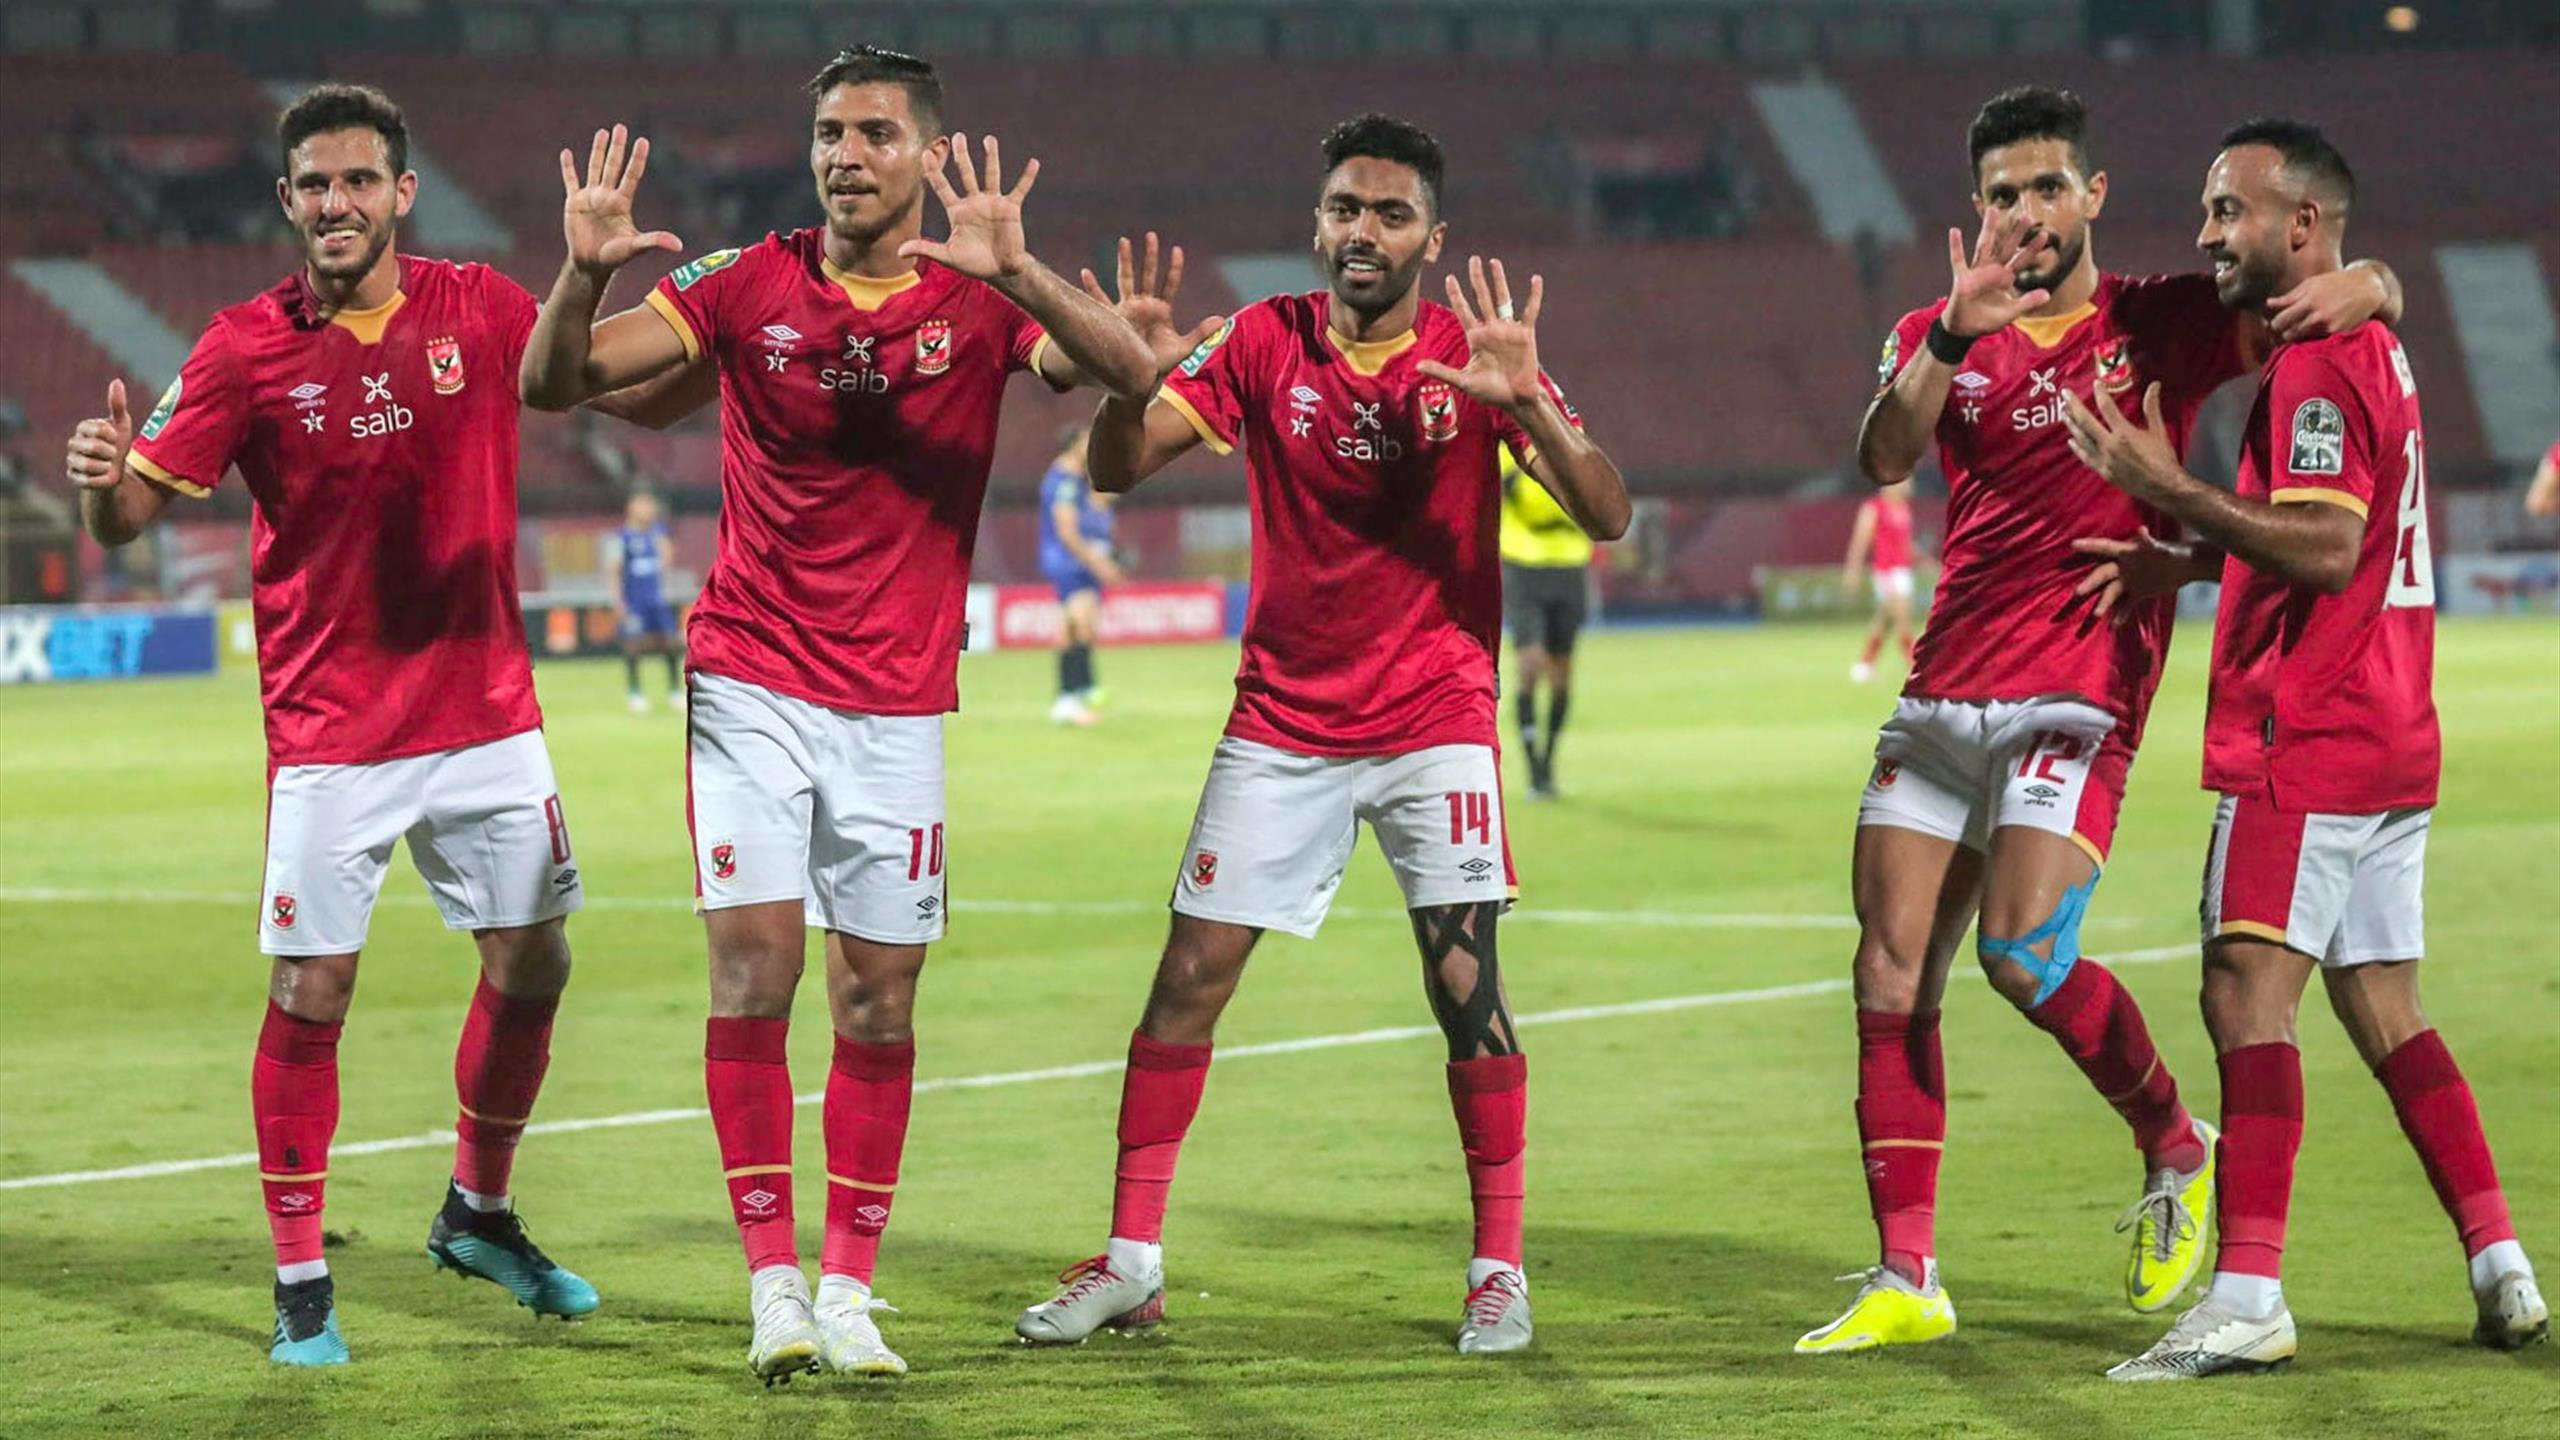 Al-Ahly écrase les Kaizer Chiefs et remporte sa dixième Ligue des champions africaine